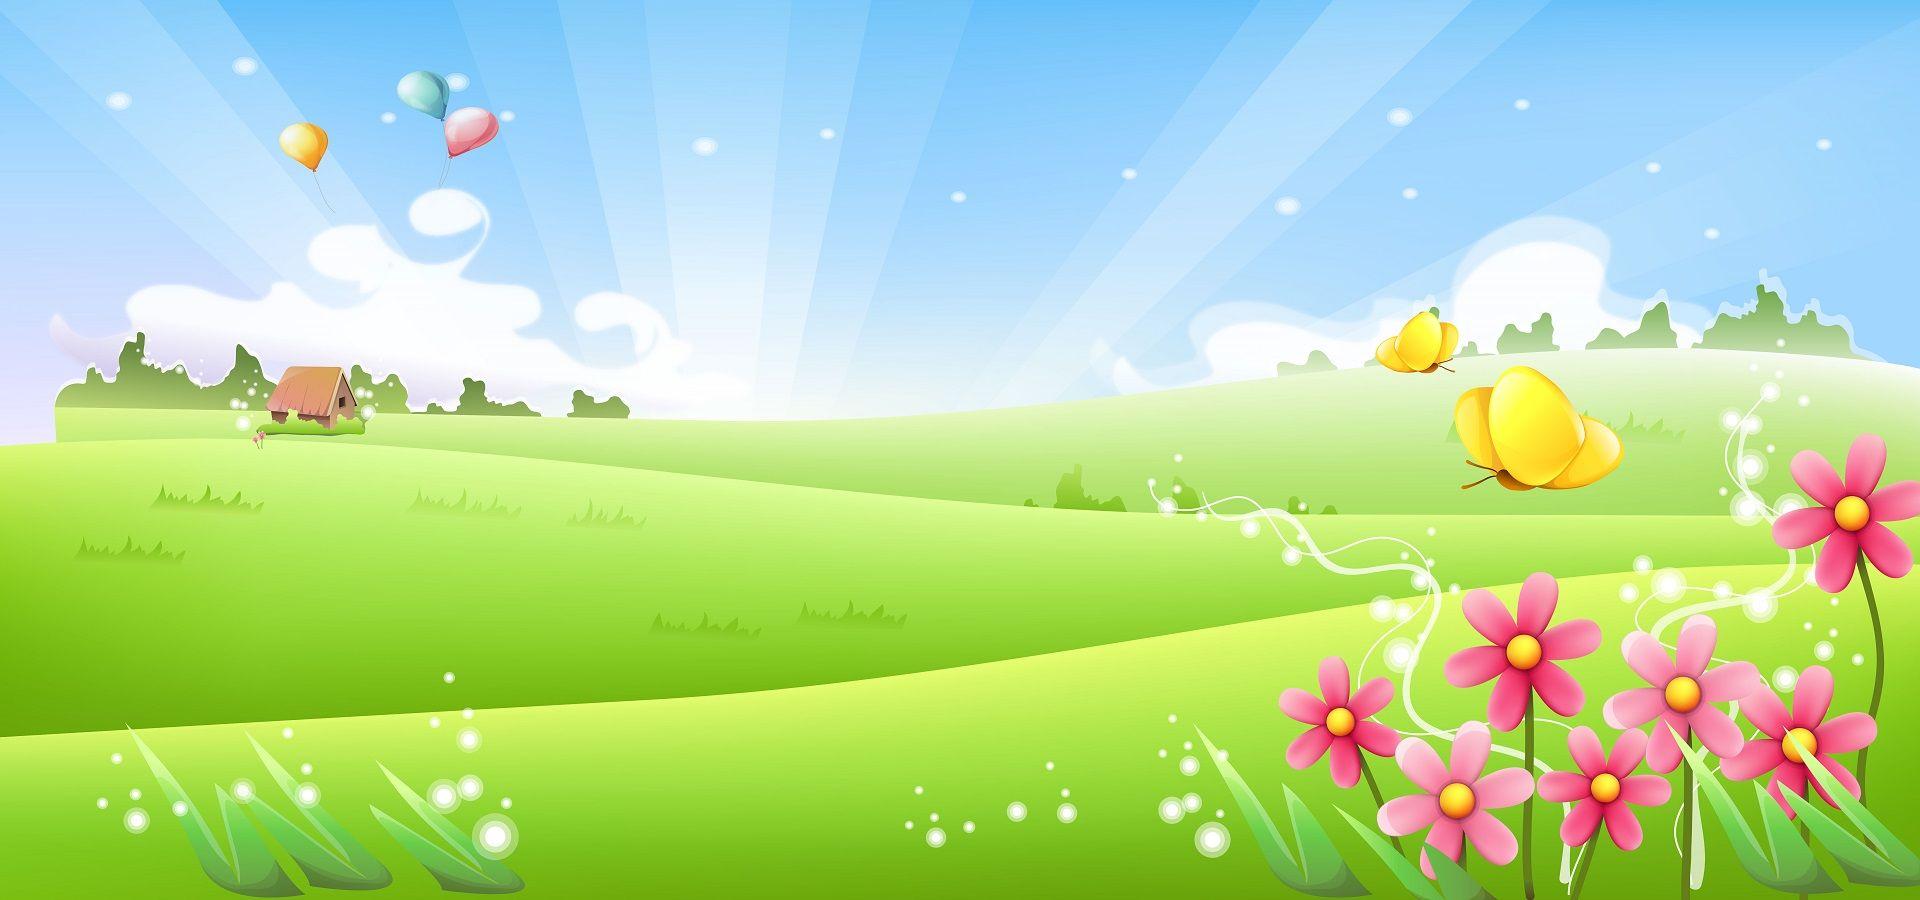 โรแมนติกฤดูใบไม้ผลิทุ่งหญ้าดอกไม้การ์ตูนผีเสื้อเวกเตอร์